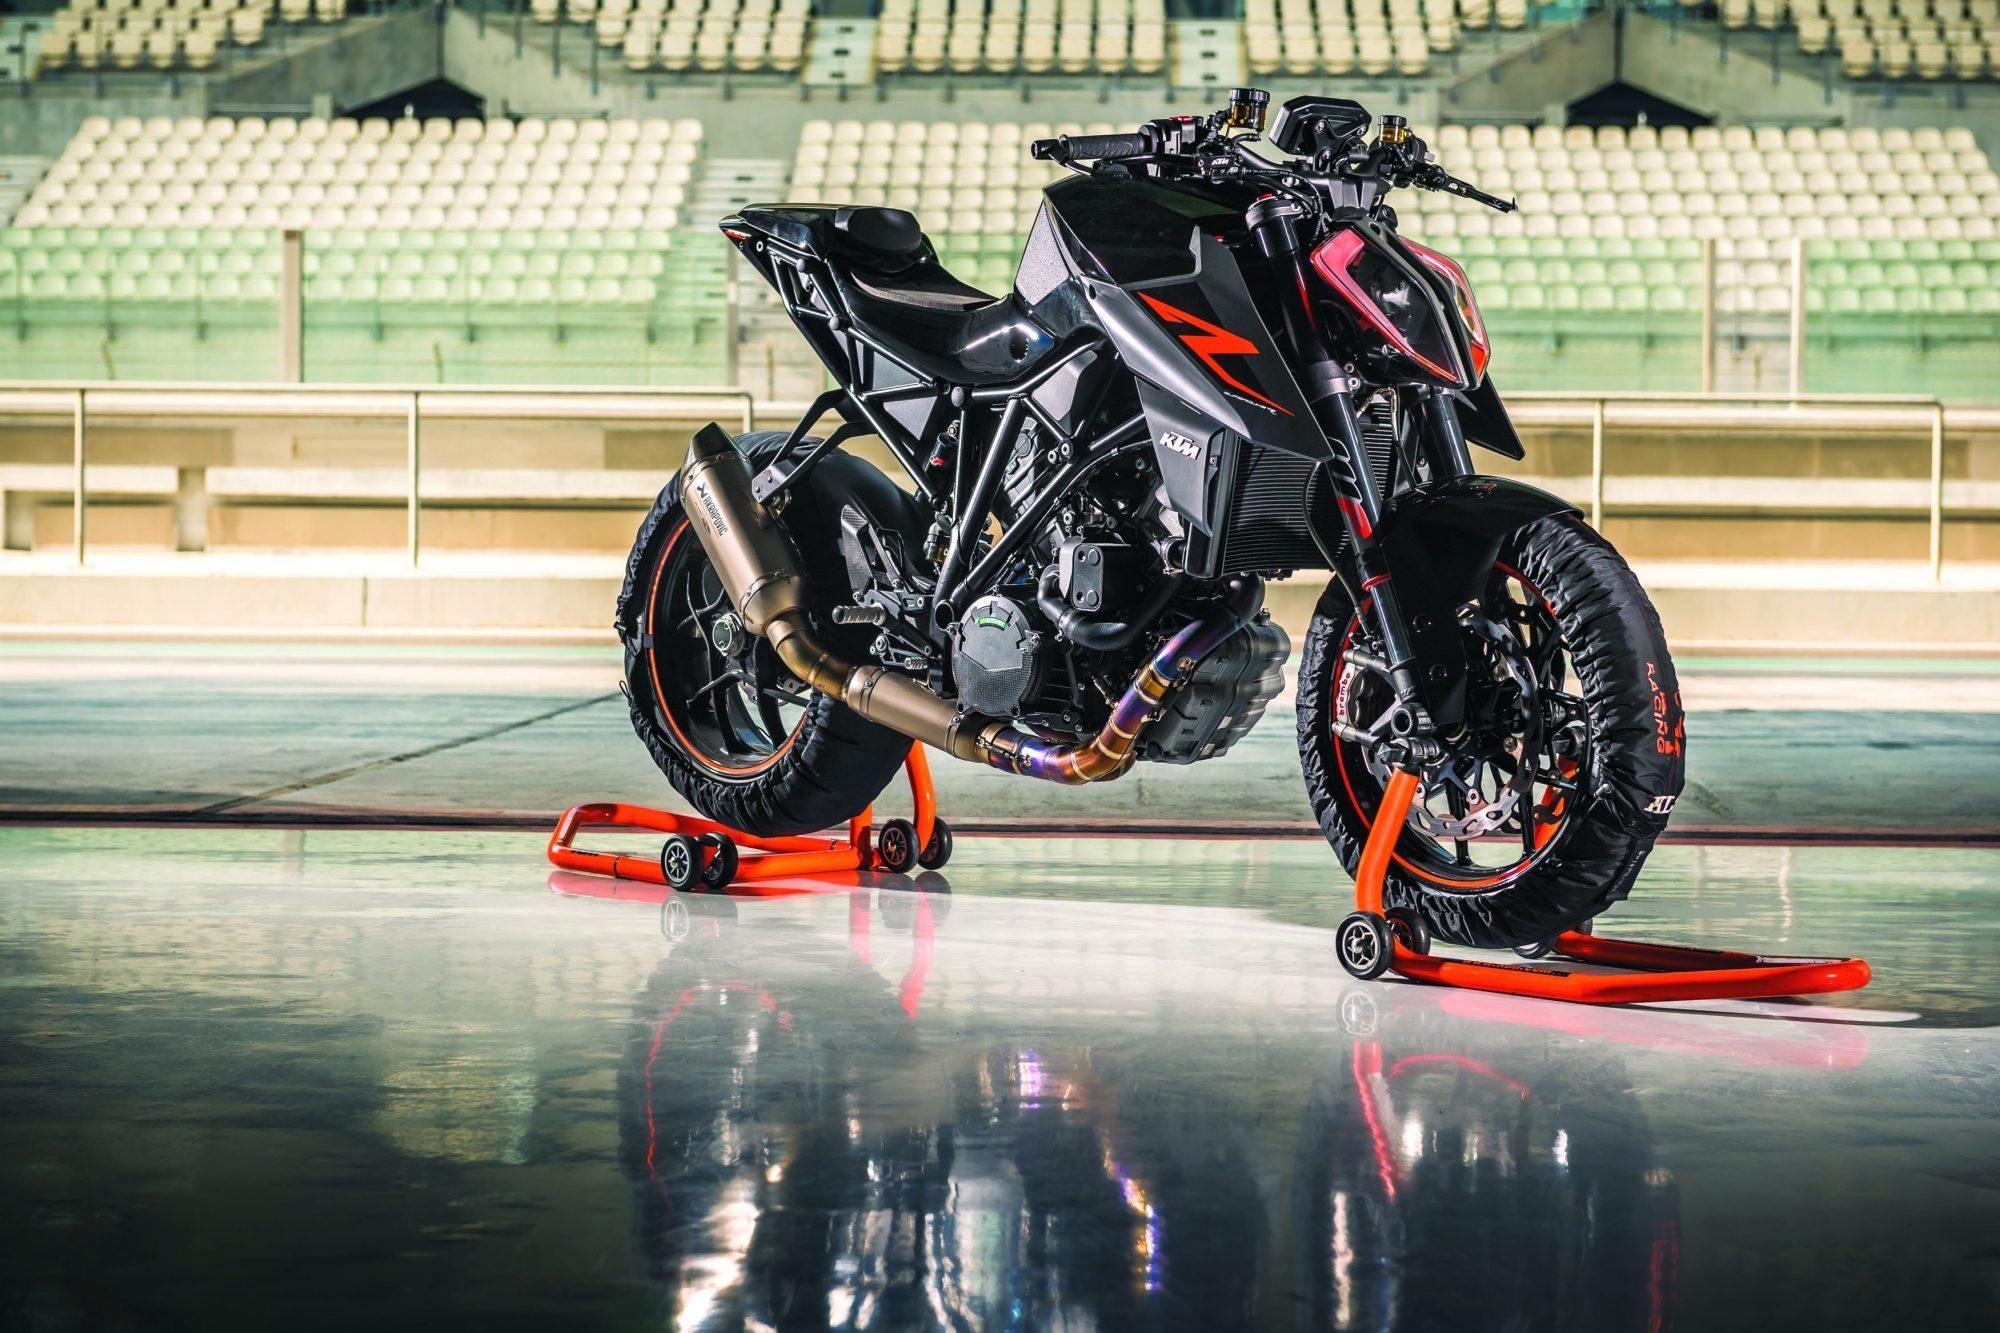 Ktm 1290 Super Duke R 2017 Motorrad Fotos Motorrad Bilder Die Neue Ktm 1290 Super Duke R 2017 Das Biest 2 0 Jetzt Mit 177 Ps S Ktm Duke Ktm Super Duke Ktm Get ktm super duke r wallpaper hd